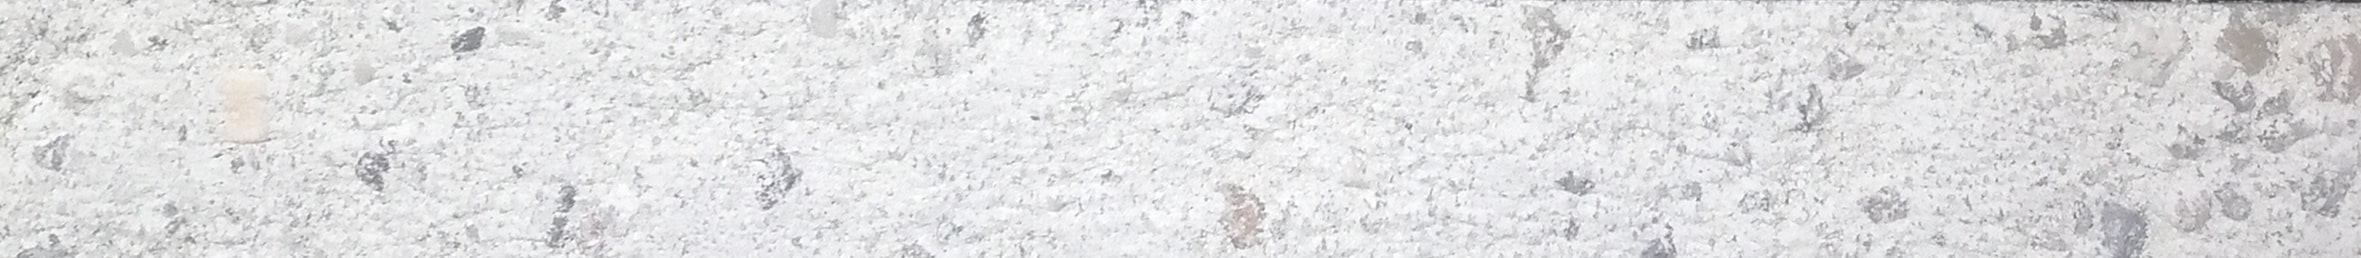 Fugenmörtel - Fugenfarbe 1003.3